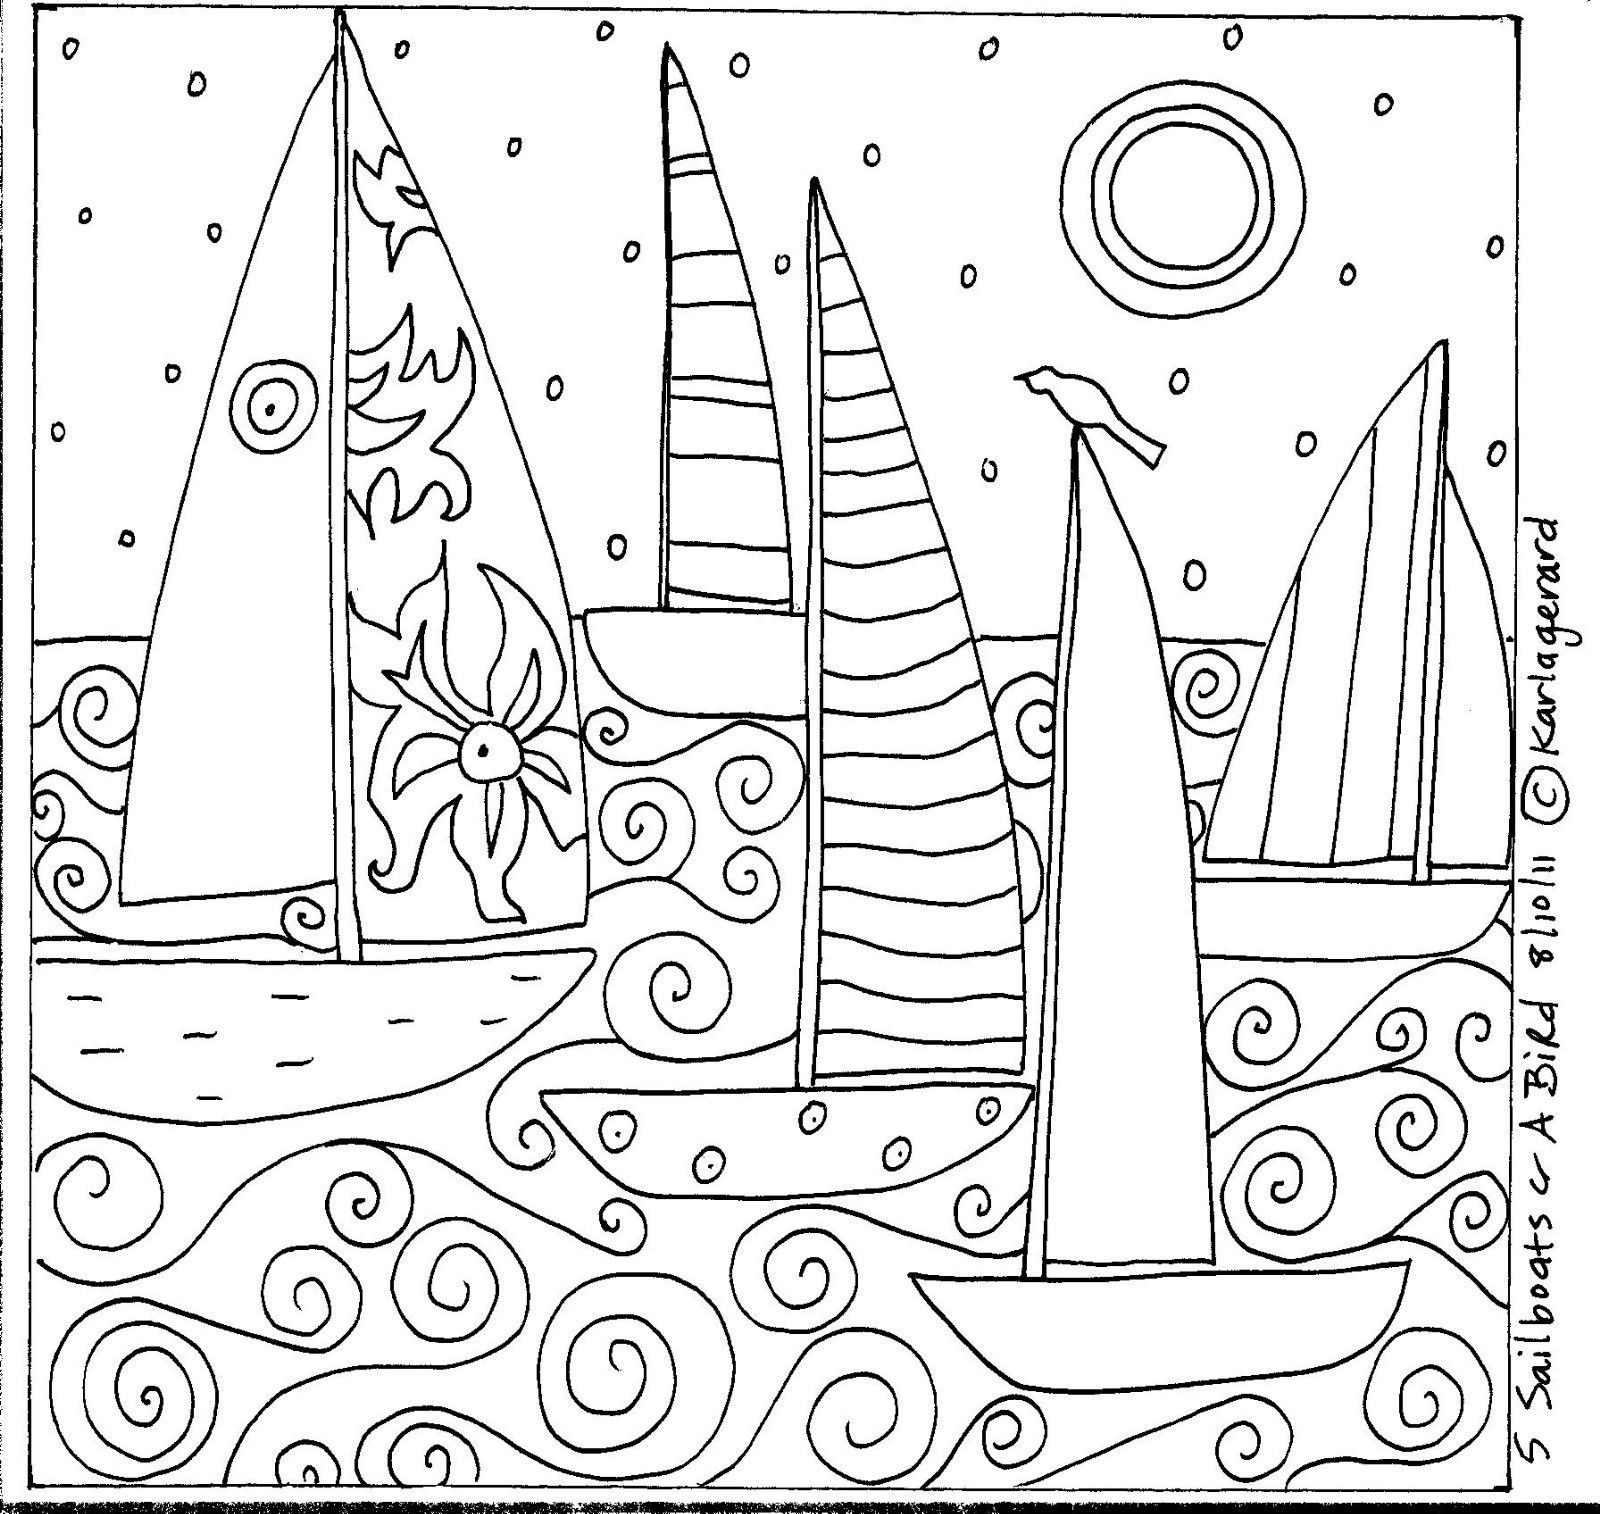 Rug Hook Paper Pattern 5 SAILBOATS & A BIRD Folk Art Abstract ...